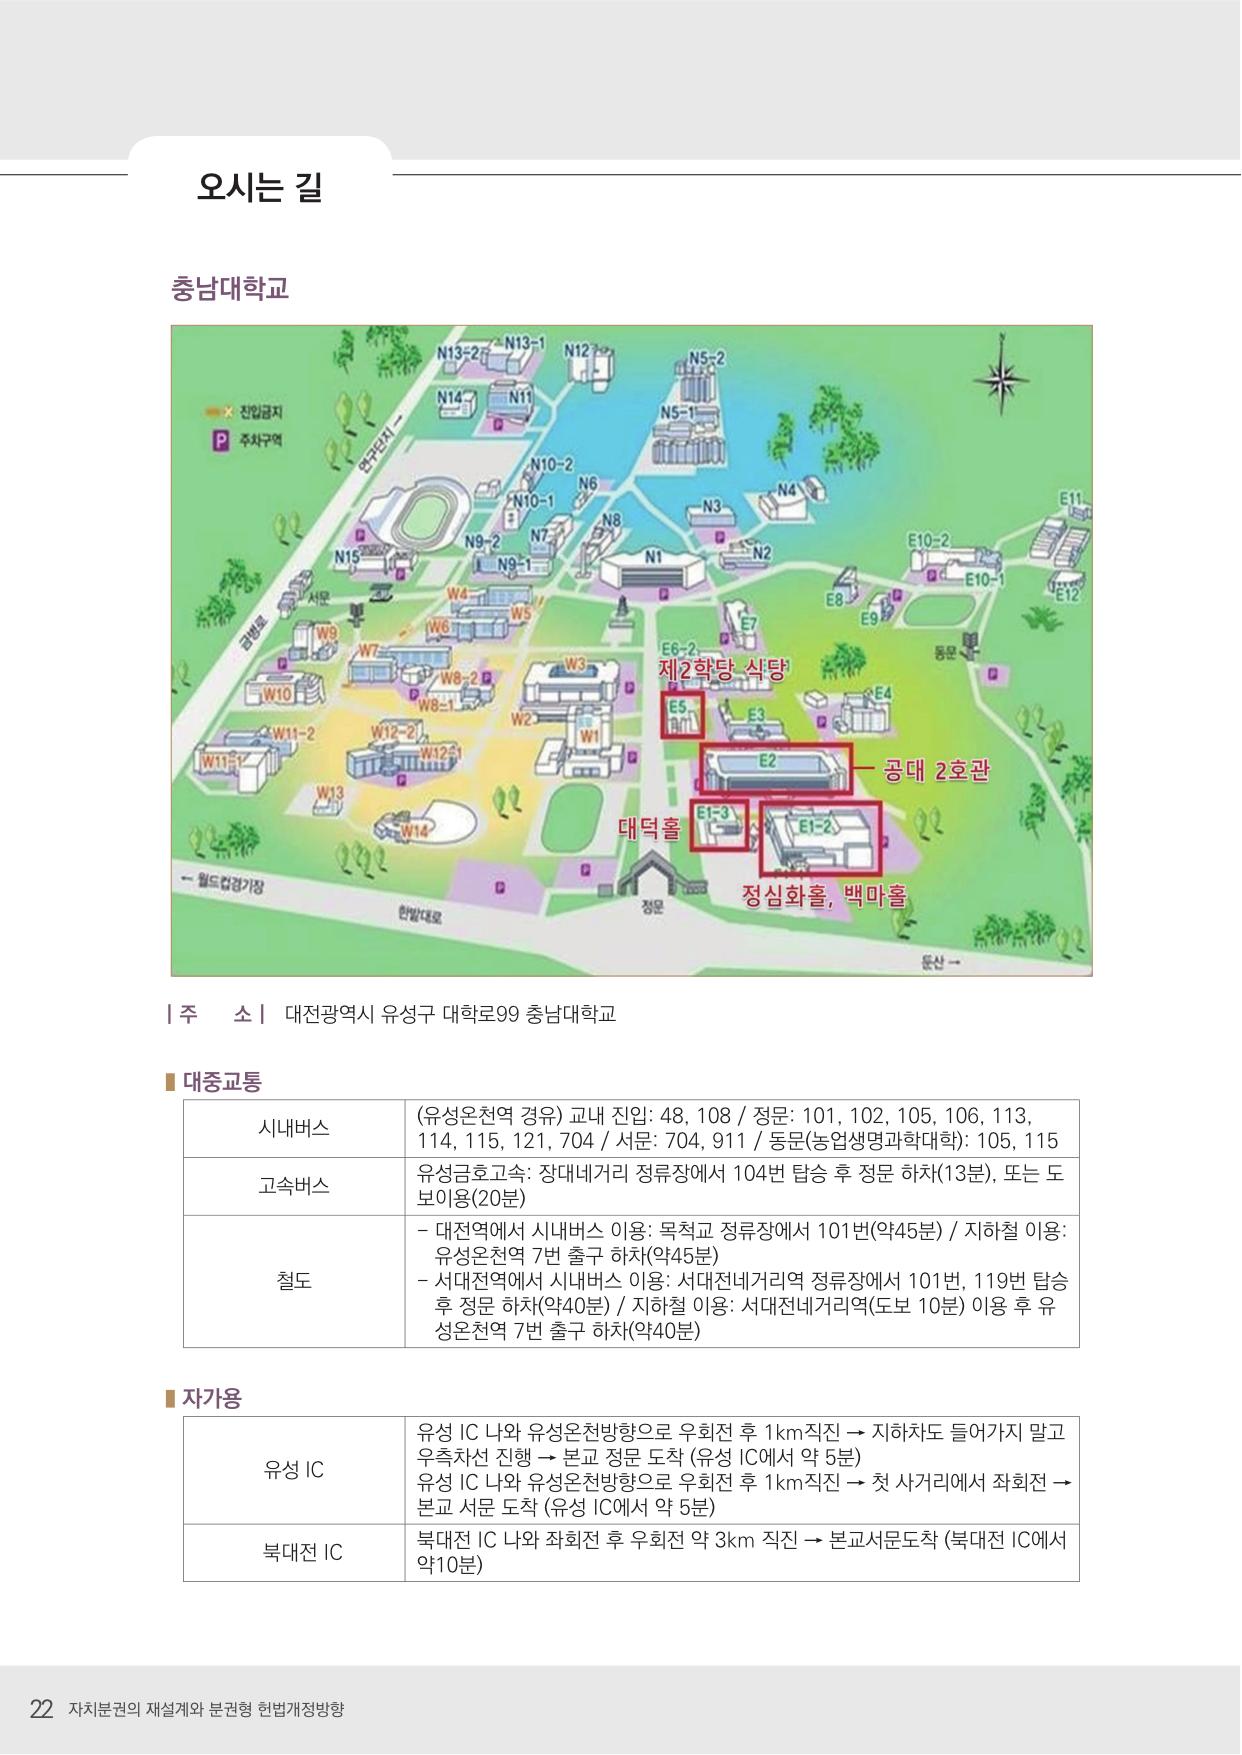 초청장_동계학술대회_한국지방자치학회(최종본)-22.jpg